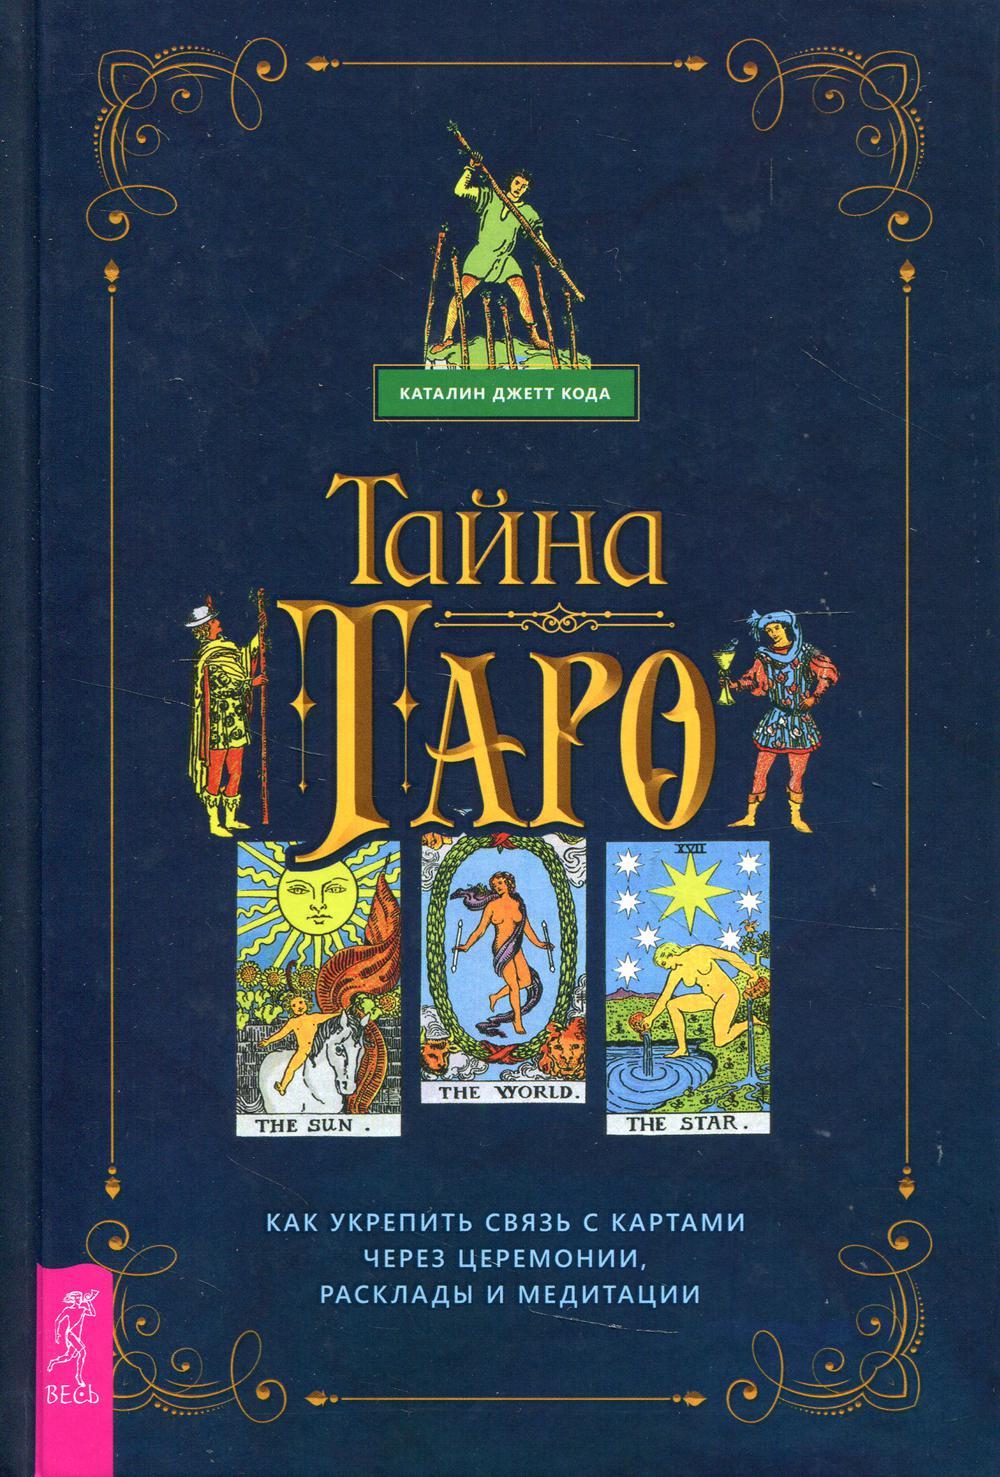 Тайна Таро. Как укрепить связь с картам через церемонии, расклады и медитации (3802)